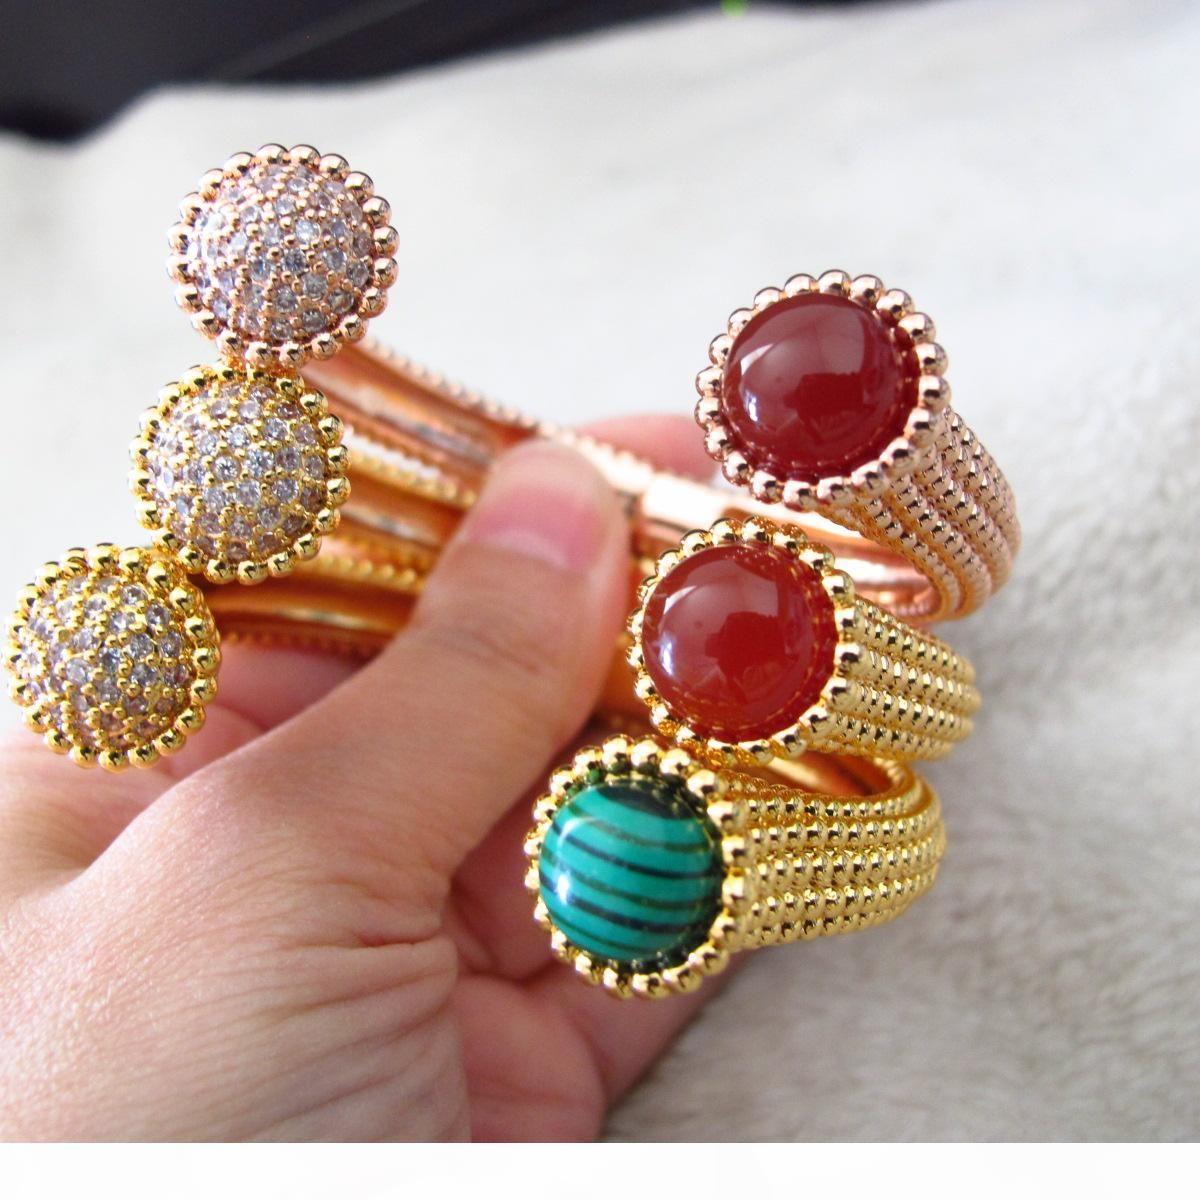 kadınlar için yüksek kalitede lüks klasik Moda CZ elmas manşet bilezik bilezik tasarımcı 18K altın kaplama parti takı